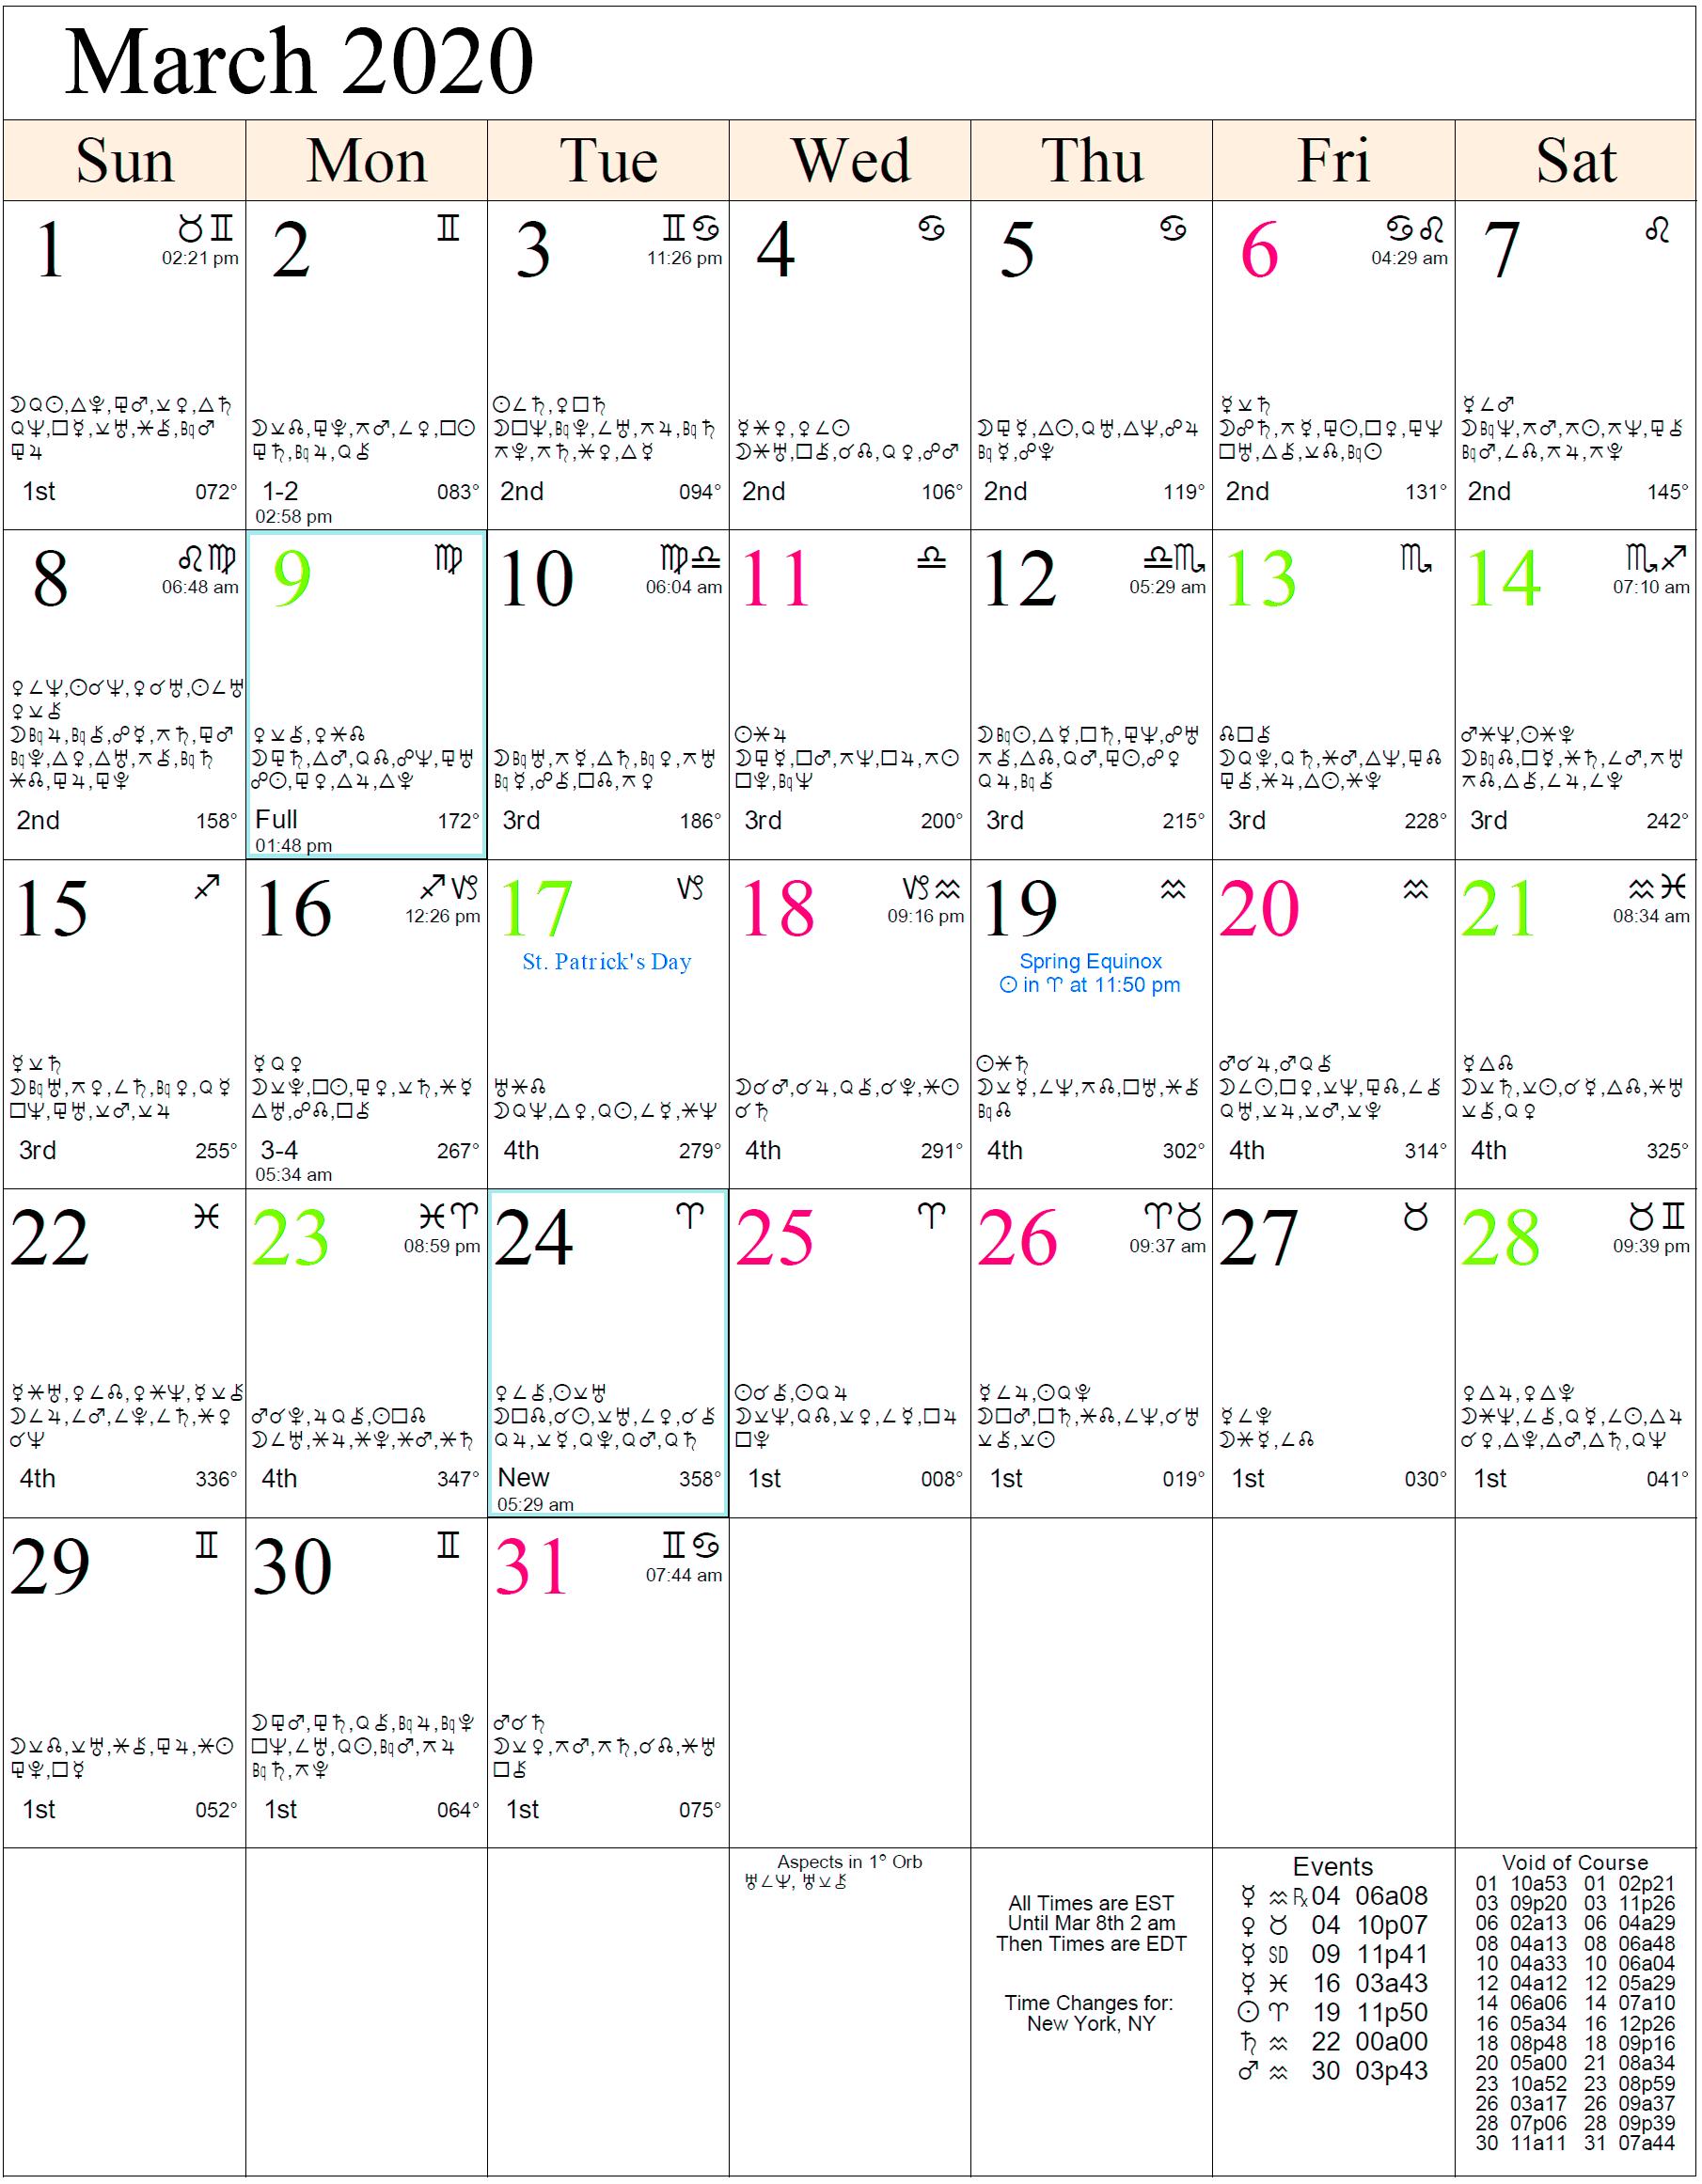 march 2020 astrology calendar